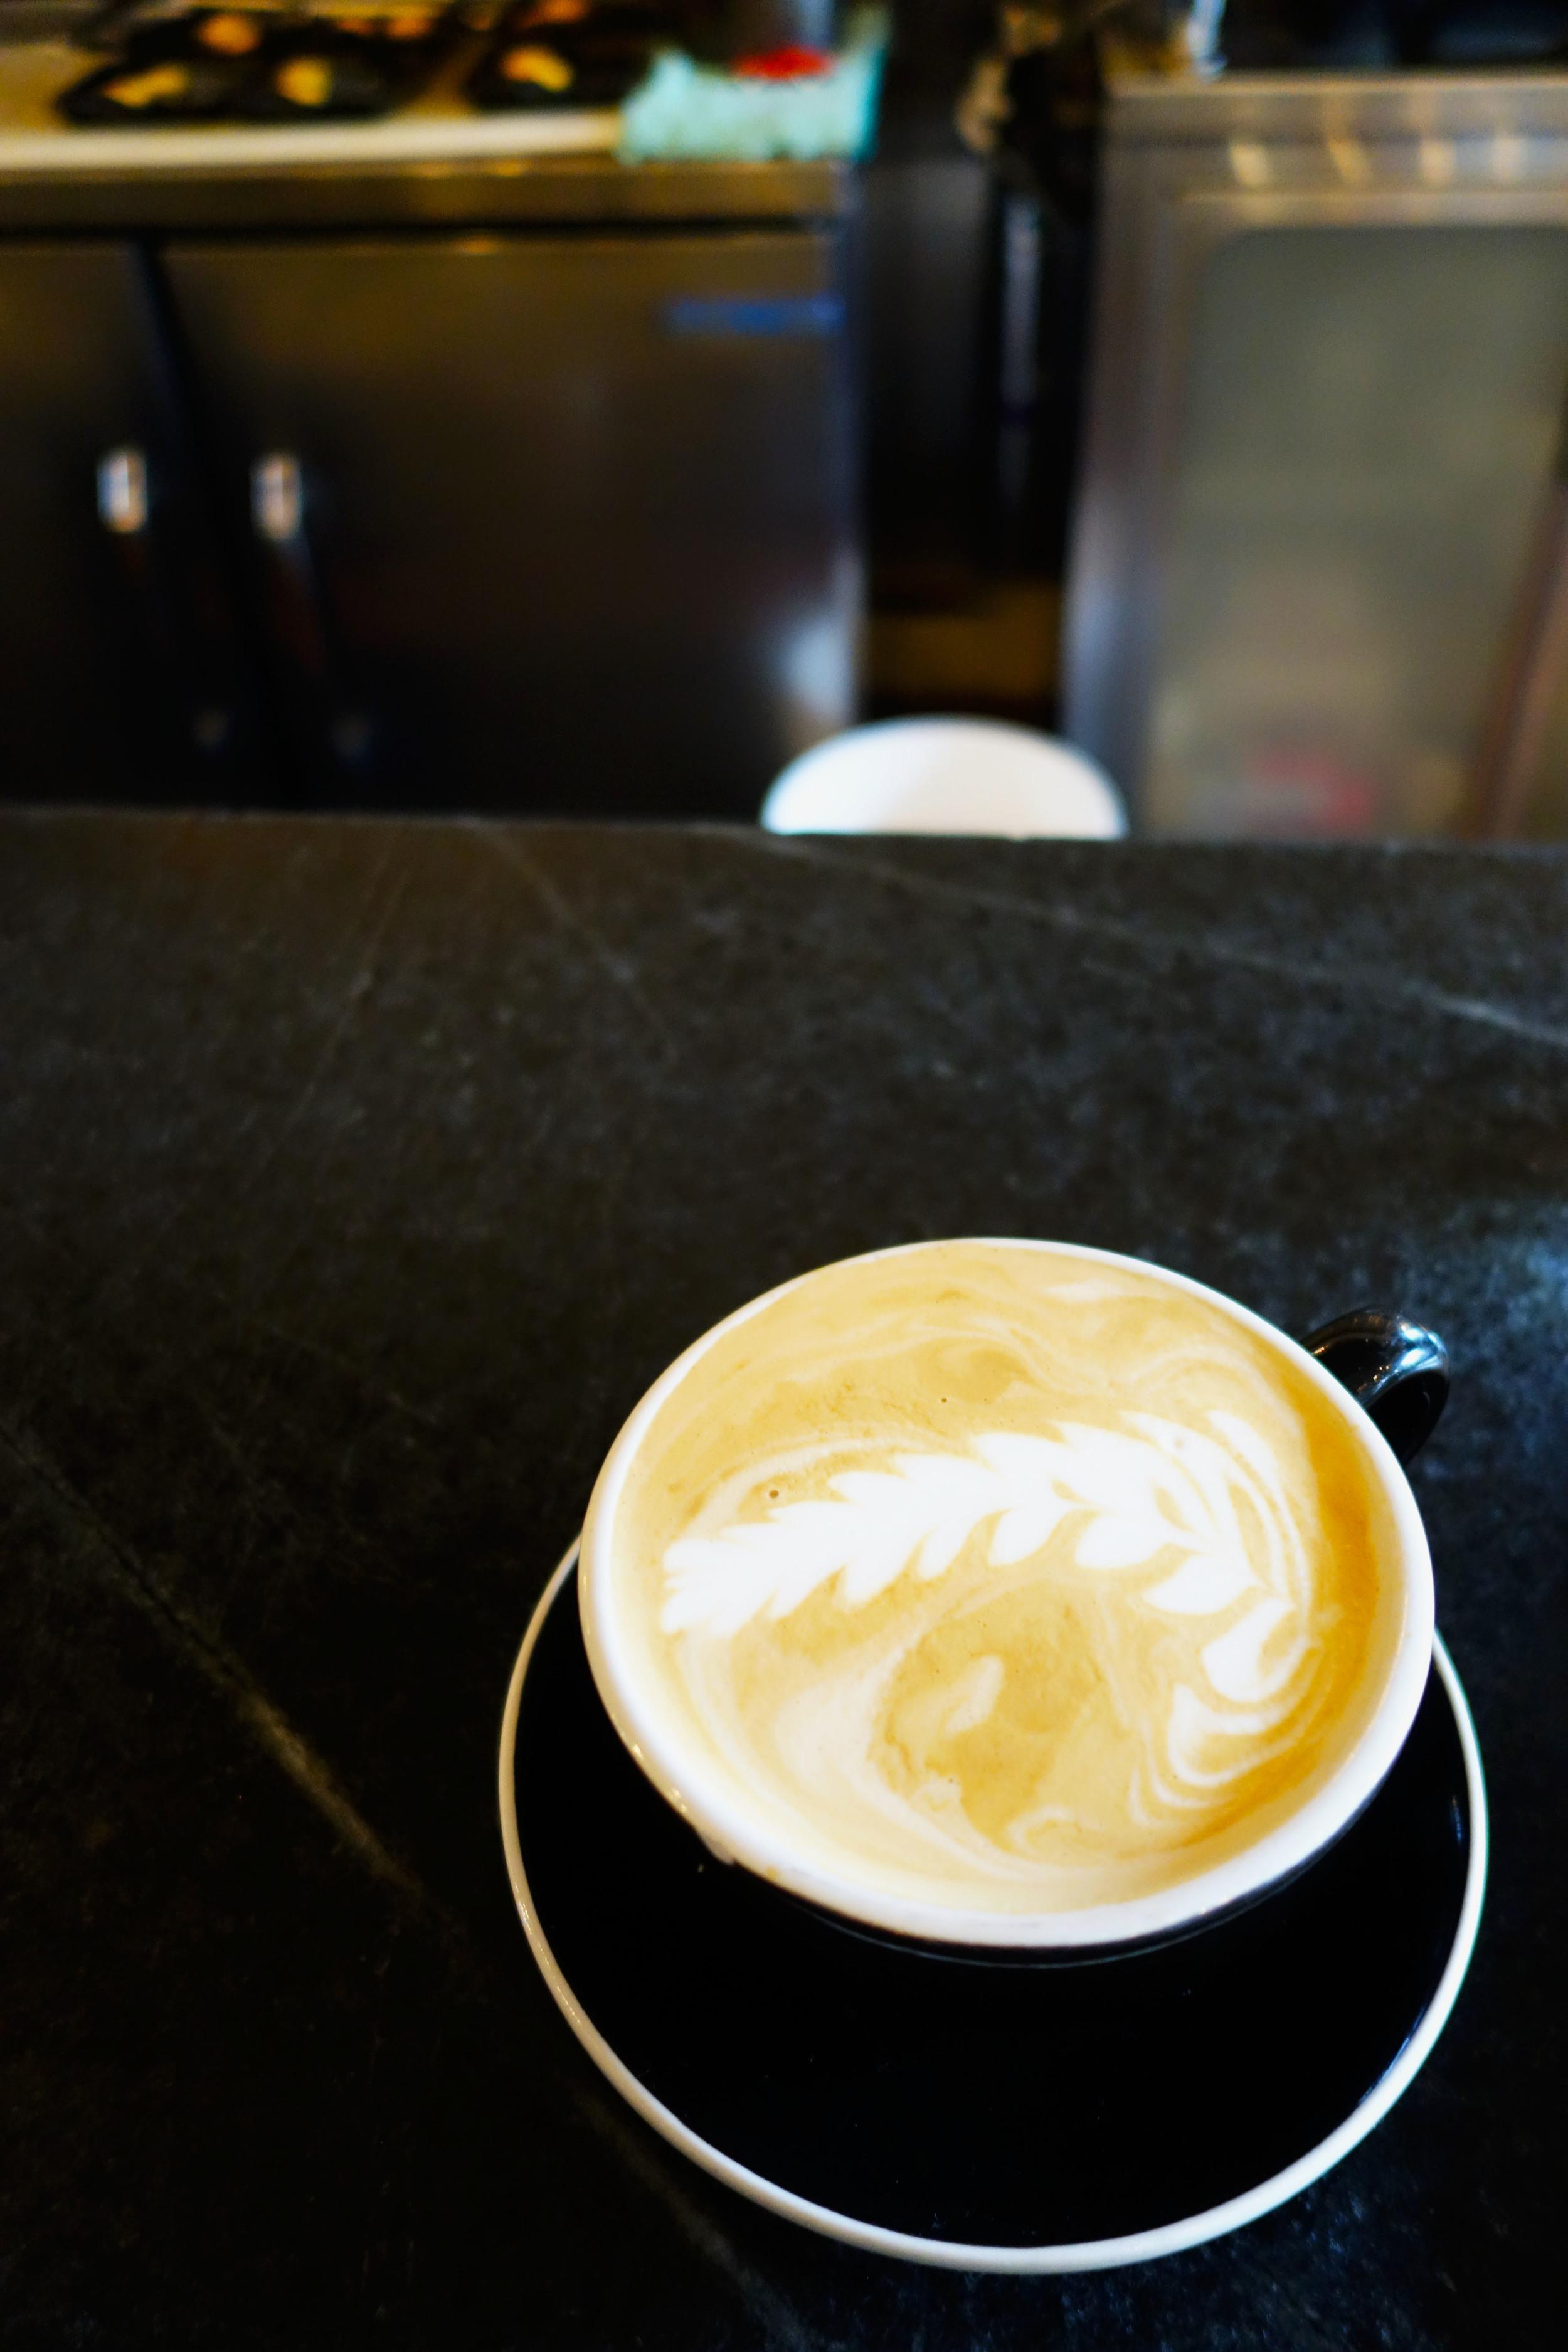 cafe broder latte.jpg